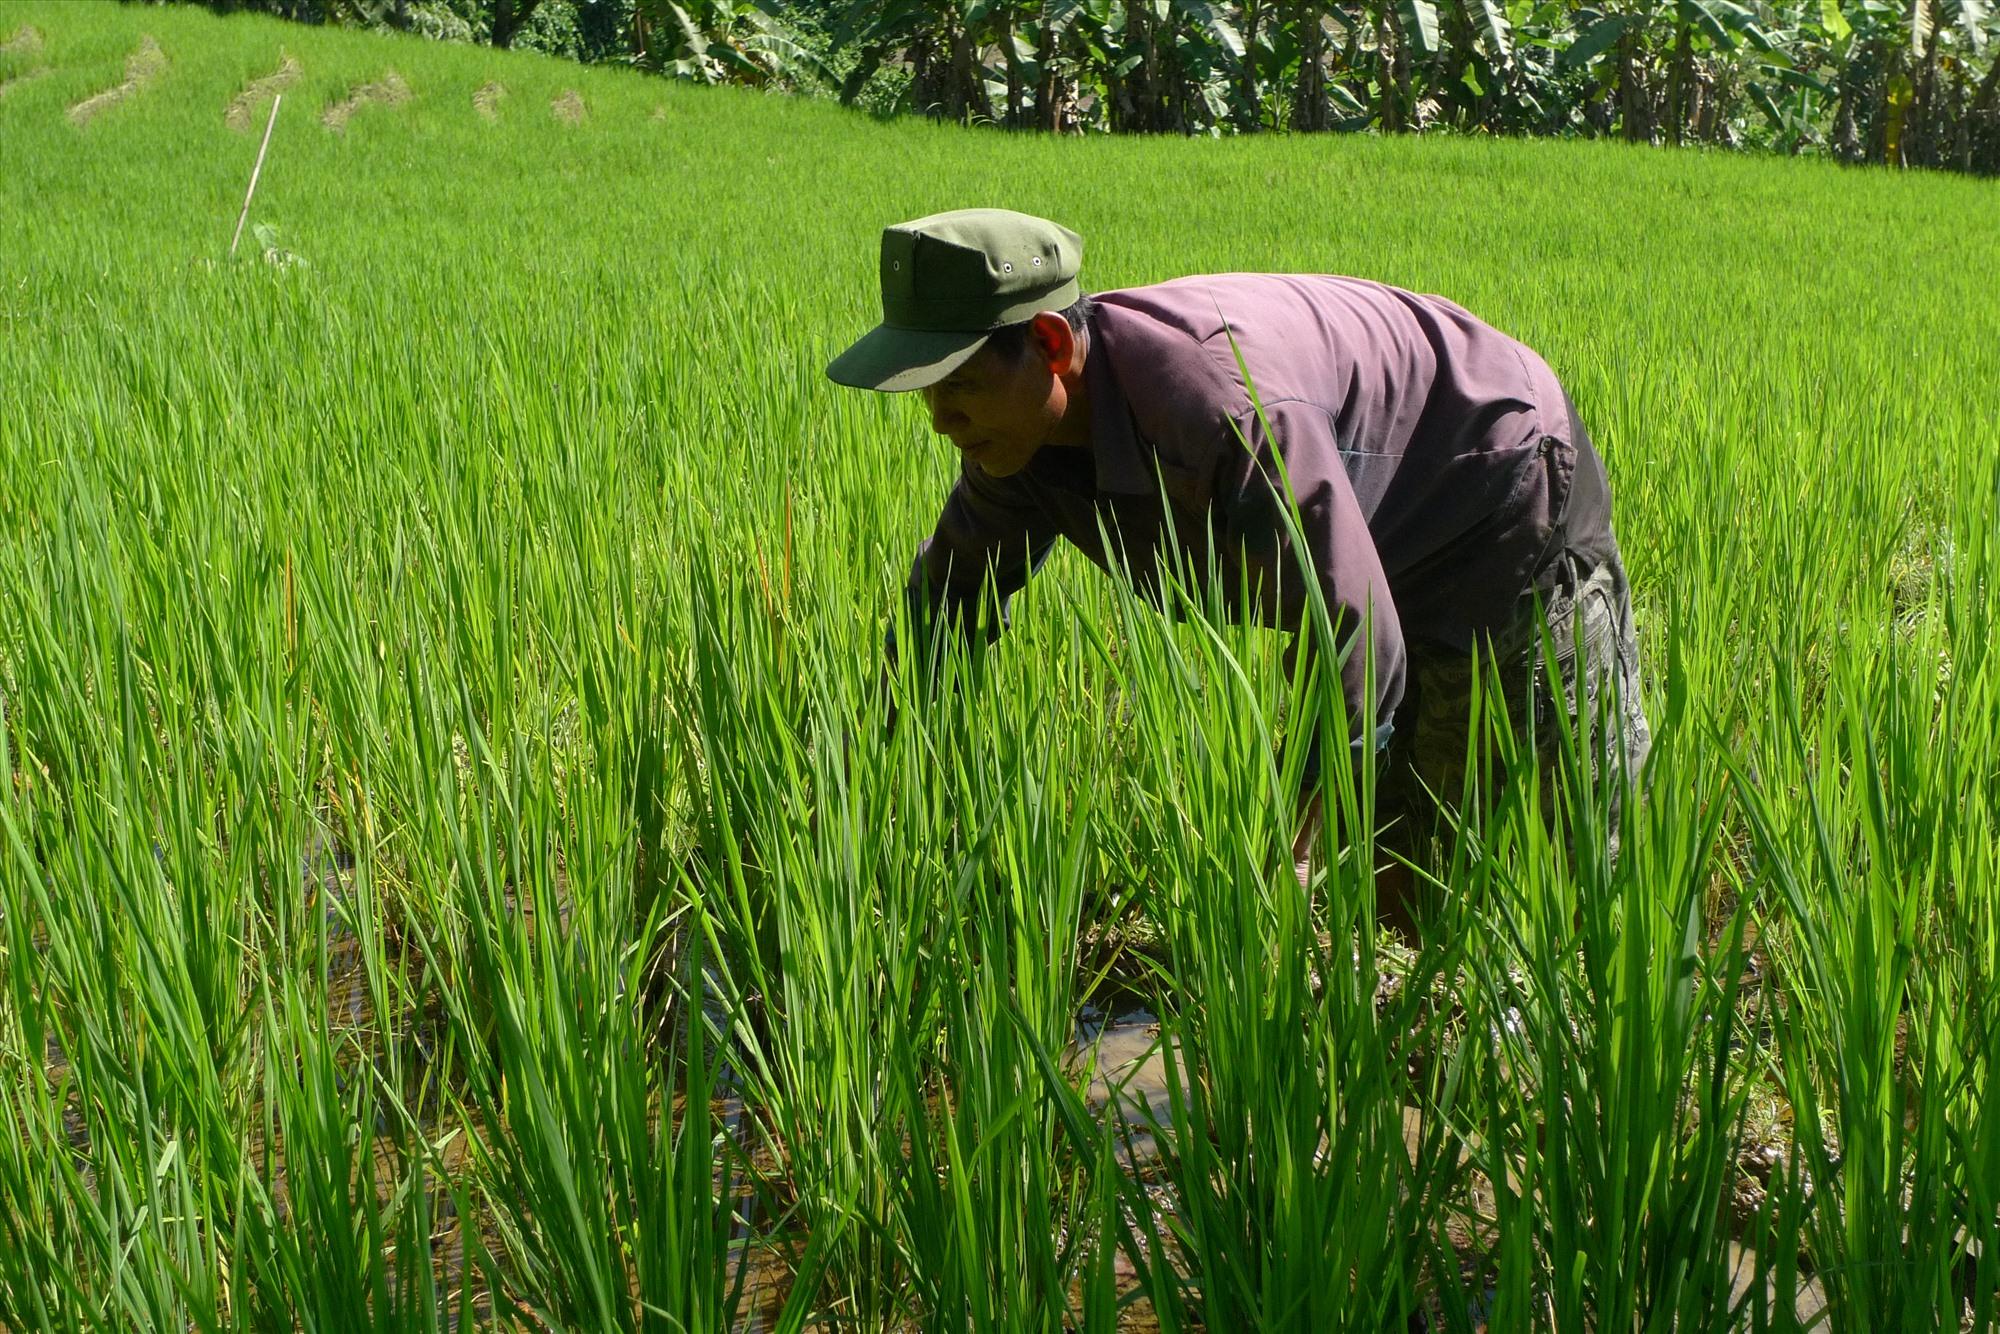 Việc ứng dụng mô hình canh tác lúa cải tiến góp phần tăng năng suất, giảm chi phí cho người dân. Ảnh: M.H